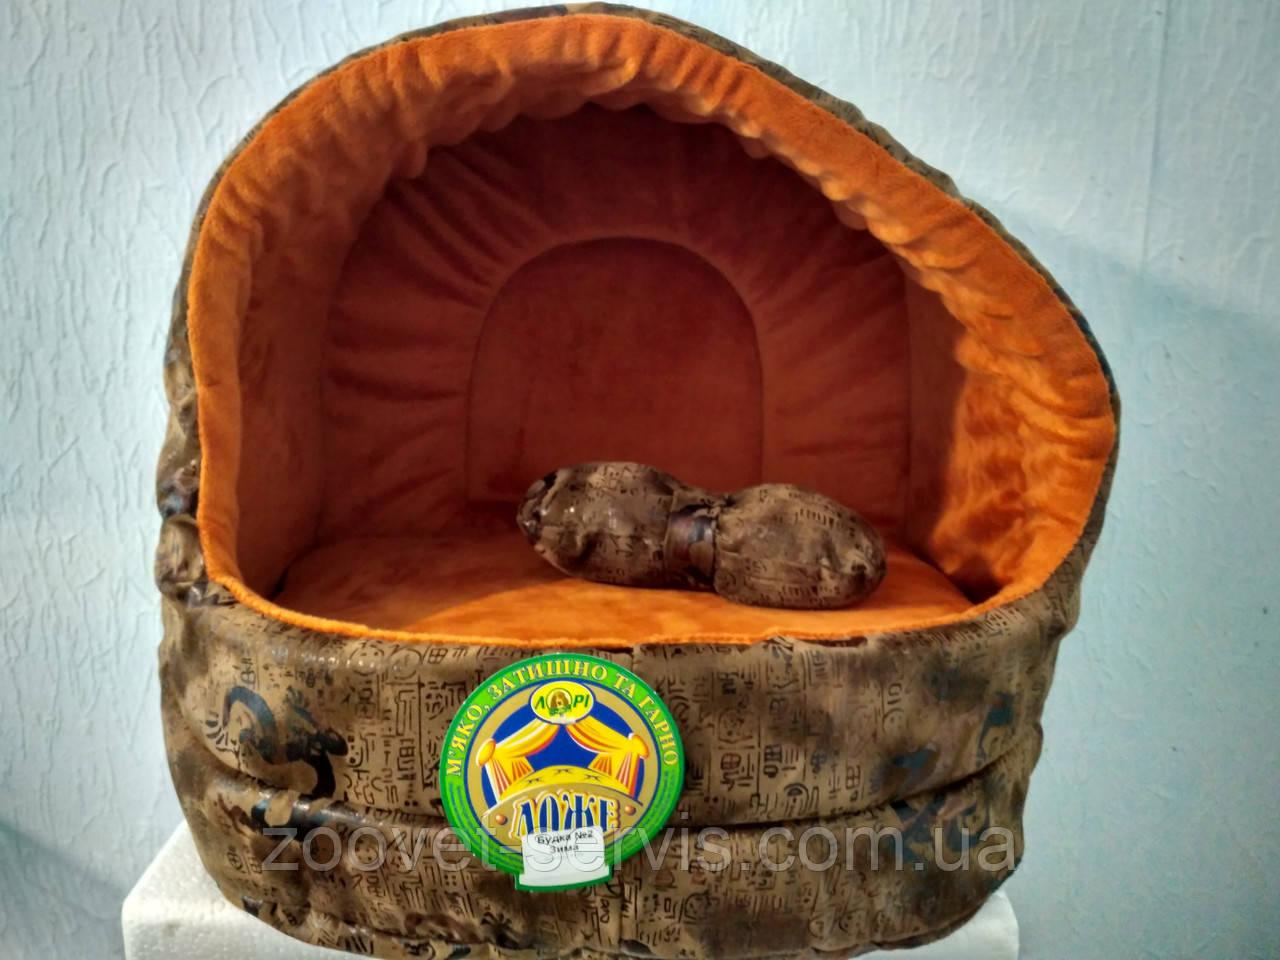 Будка для кошек Зима с плюшем 425*375*375